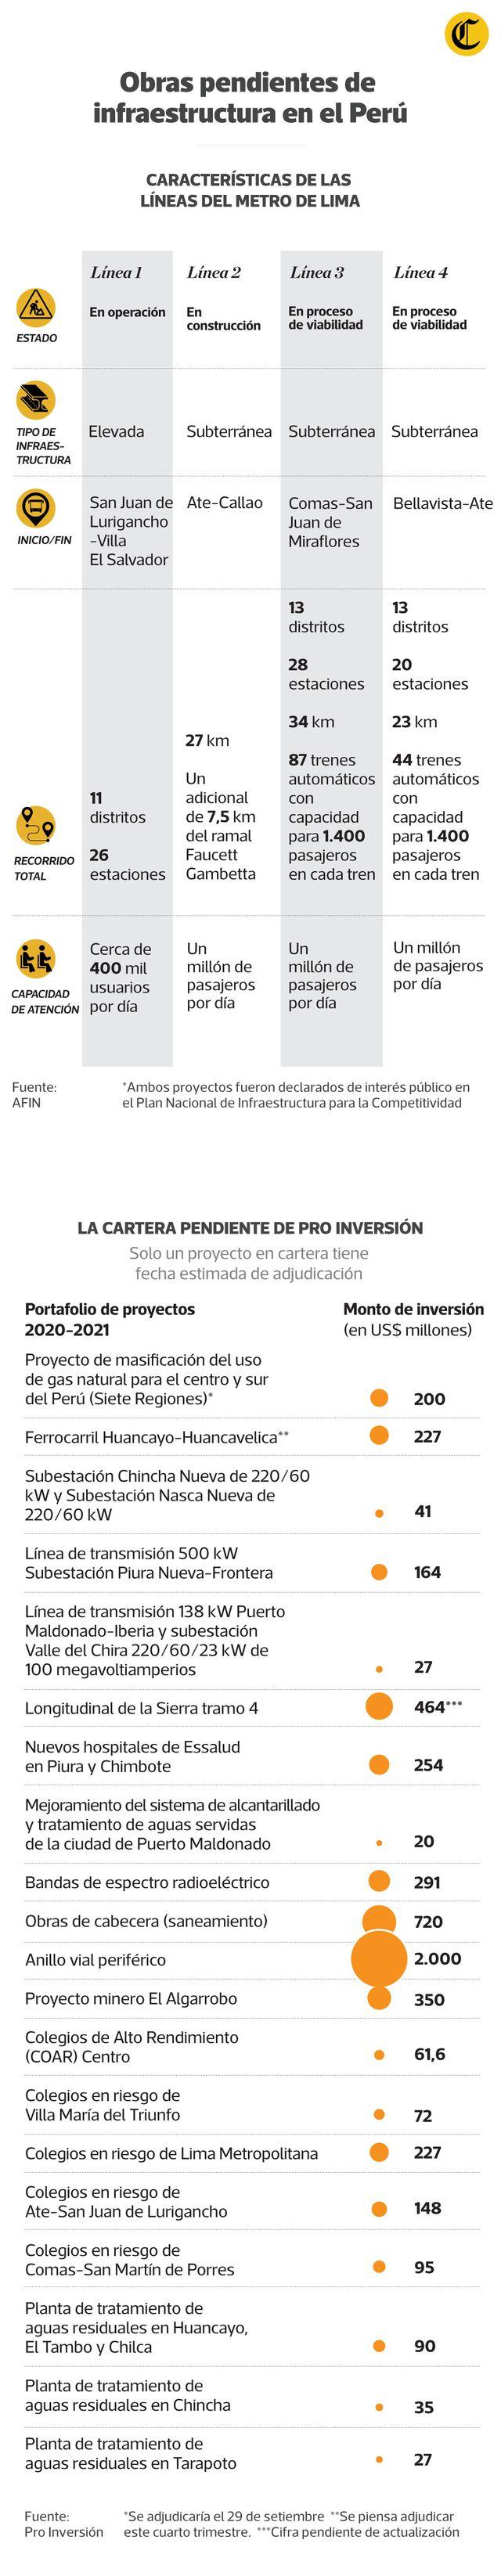 Líneas 3 y 4 del metro de Lima aún son obras pendientes, y ya están a la espera hace varios años. (Infografía: Jean Izquierdo/El Comercio)